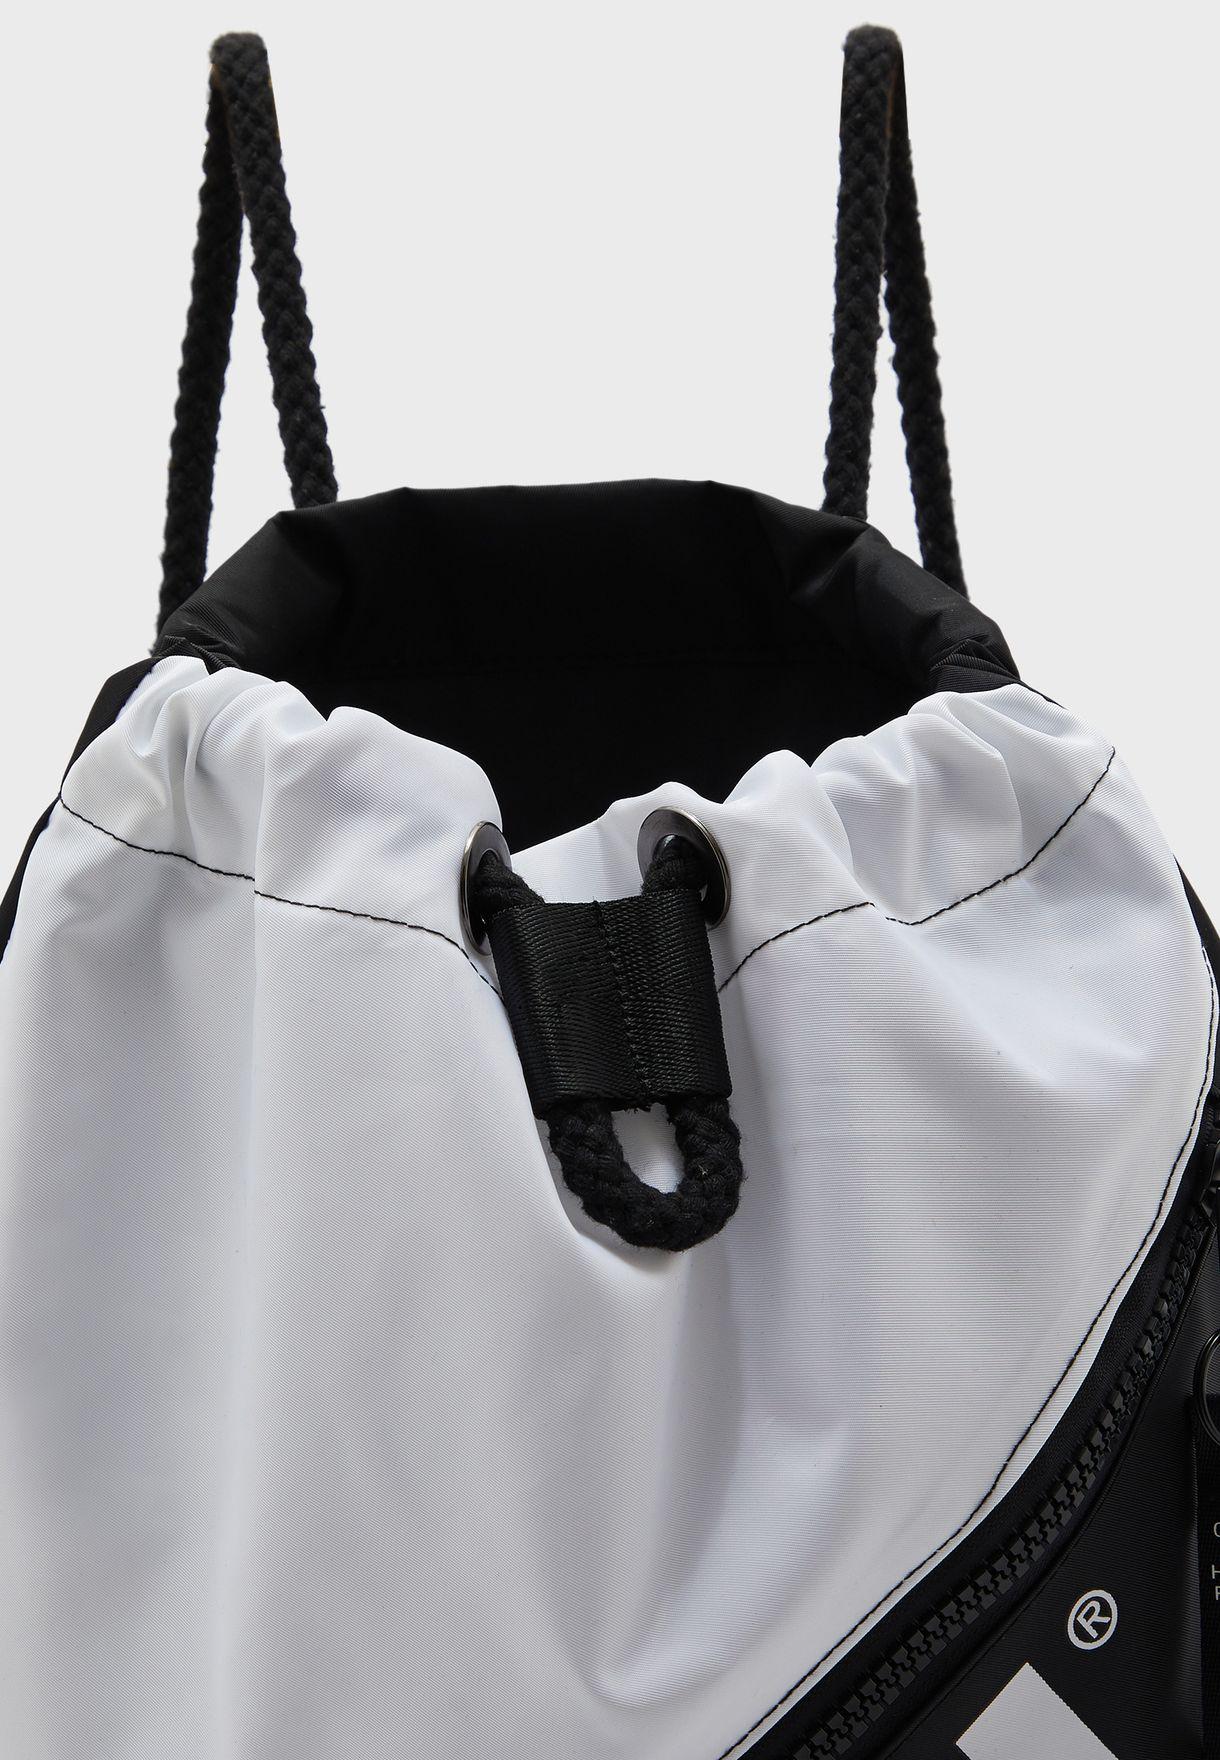 Bbag-Sack Backpack